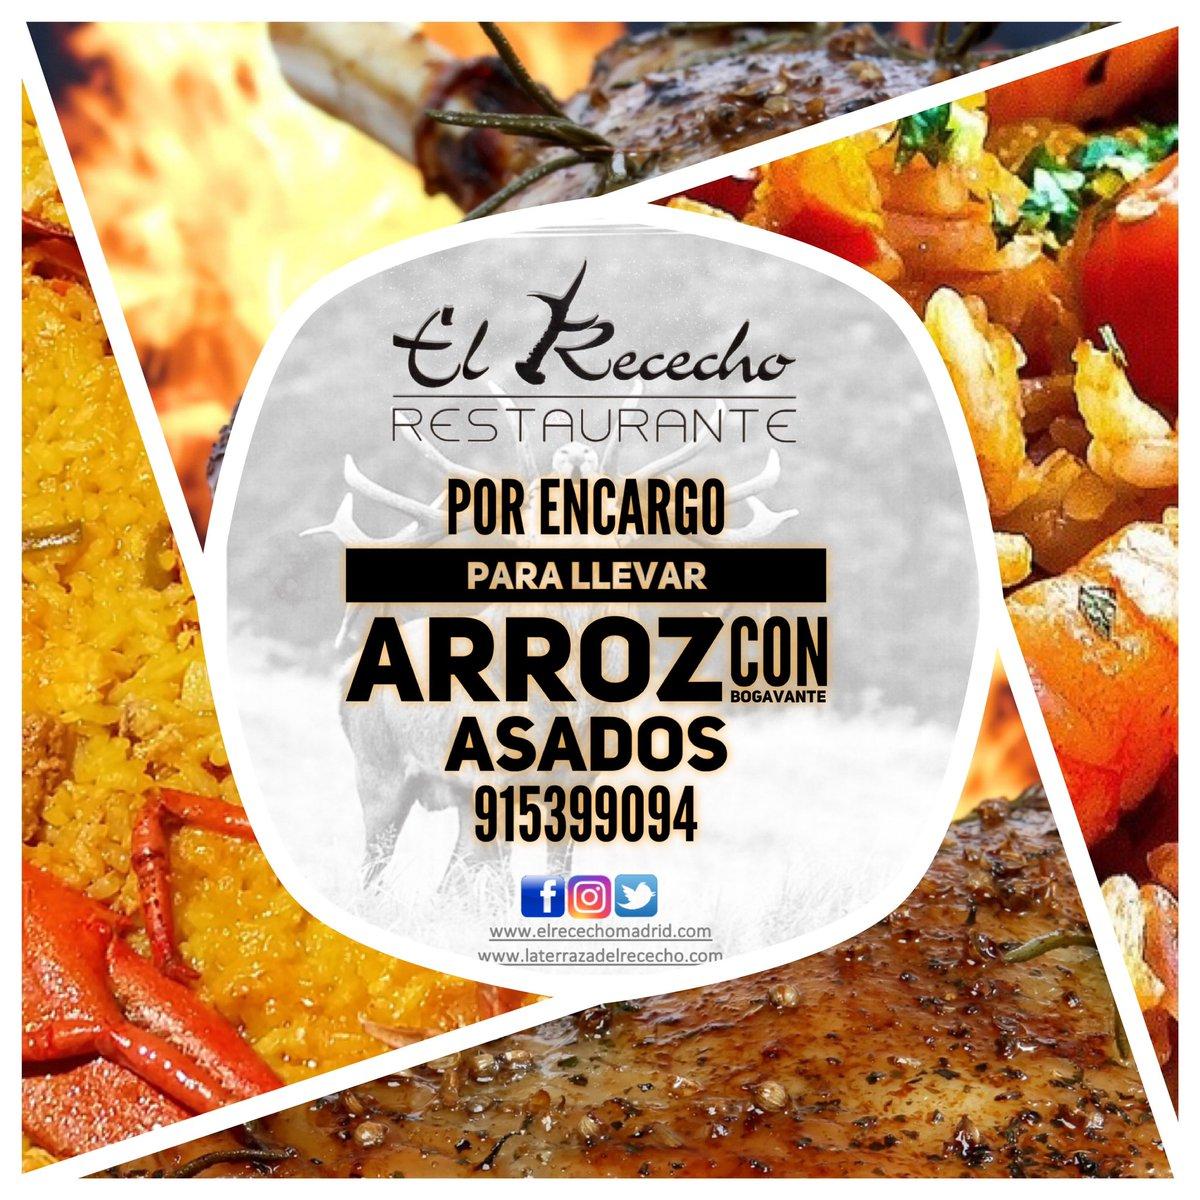 https://t.co/glZkCNOy0A Tel. 915 399 094 / 669 648 769  #alcorcon #elrececho #restaurantes #asados #porencargo #quecomerhoy #arrozconbogavante #parallevar https://t.co/zVdp5O2a2B